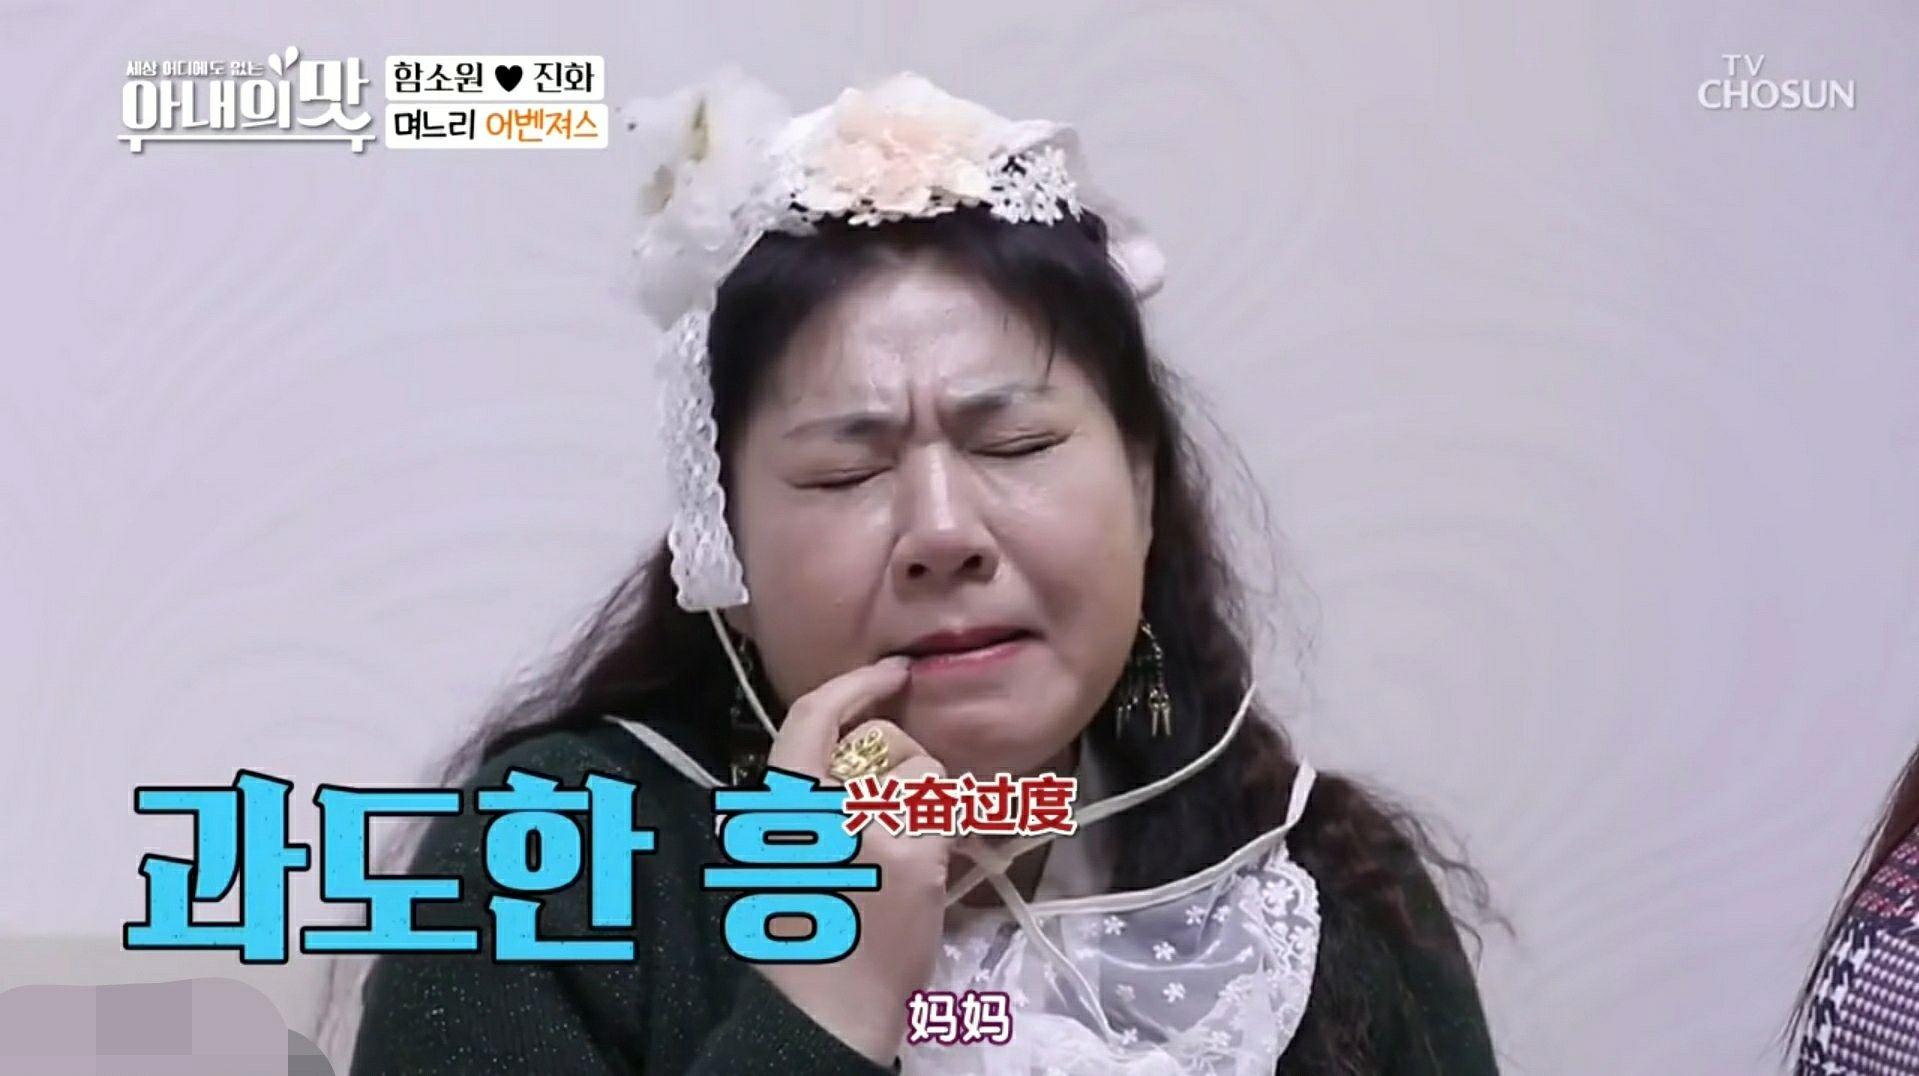 咸素媛婆婆戴孙女帽子和发卡,卖萌搞怪,被搞笑女星推荐录节目!